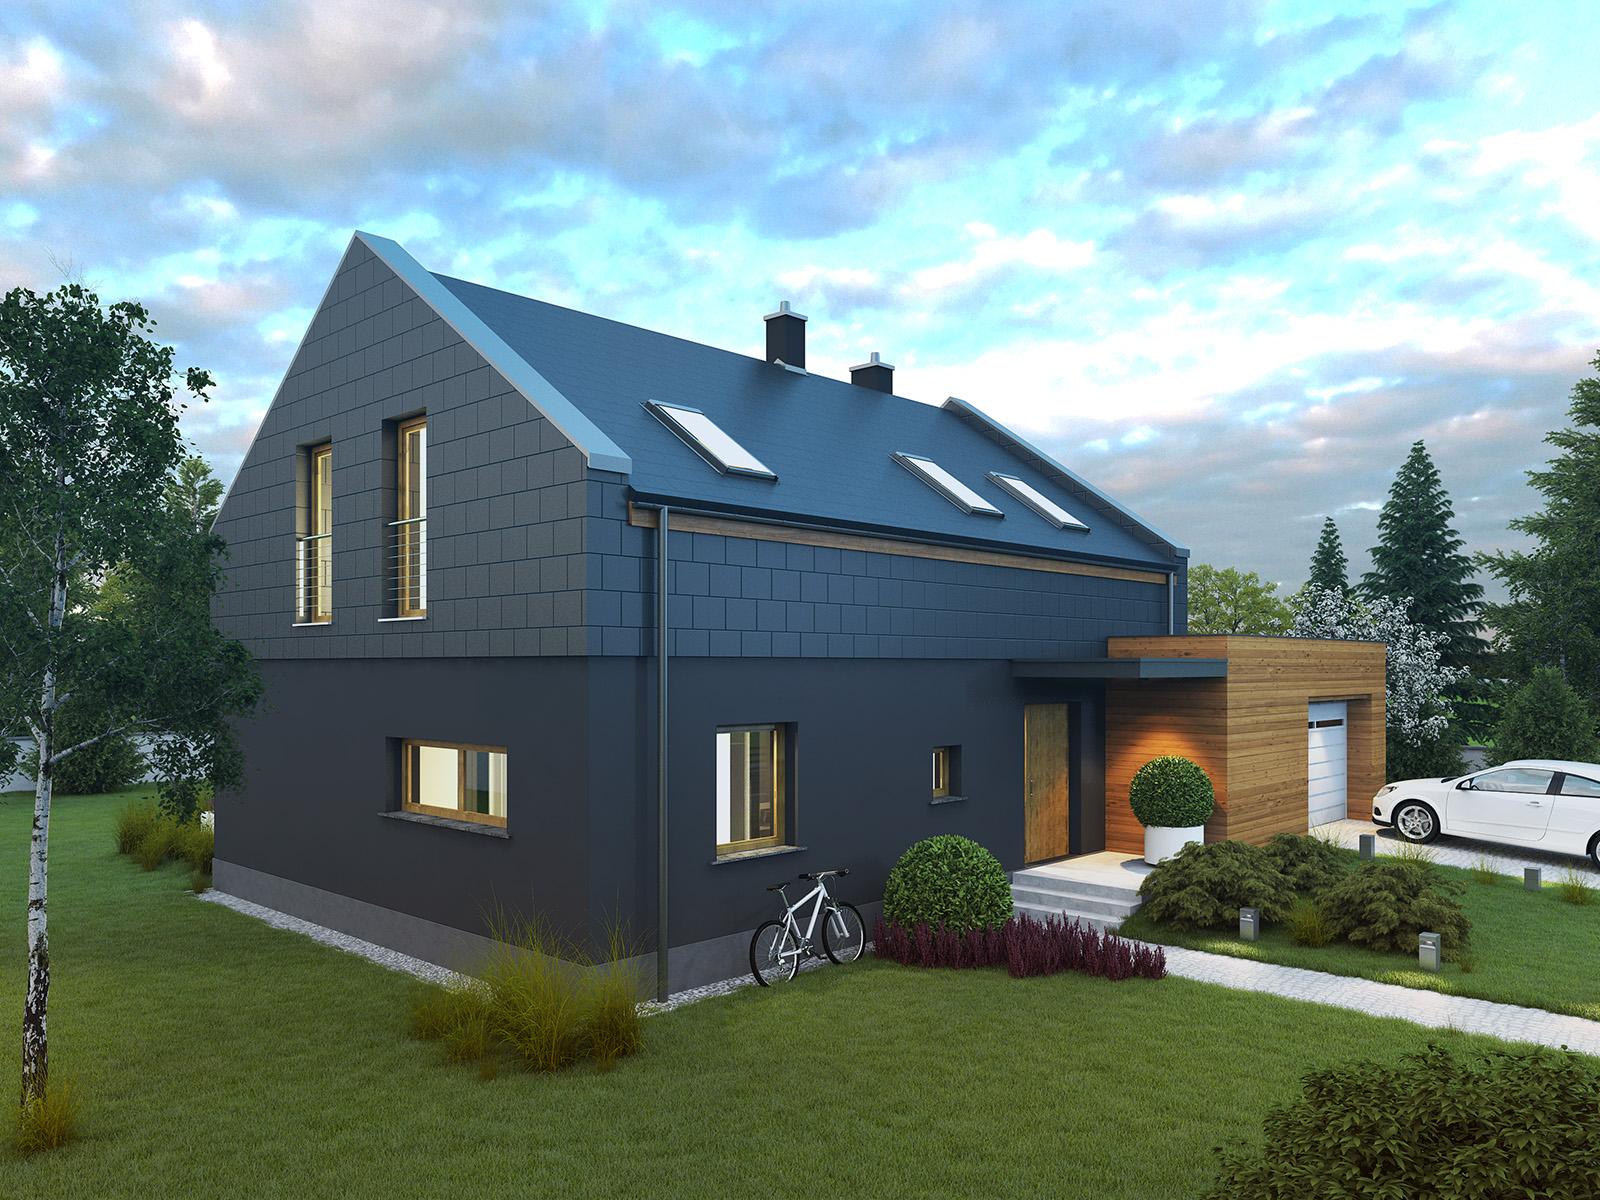 Projekt domu ORZECHOWY Domy Czystej Energii widok od frontu